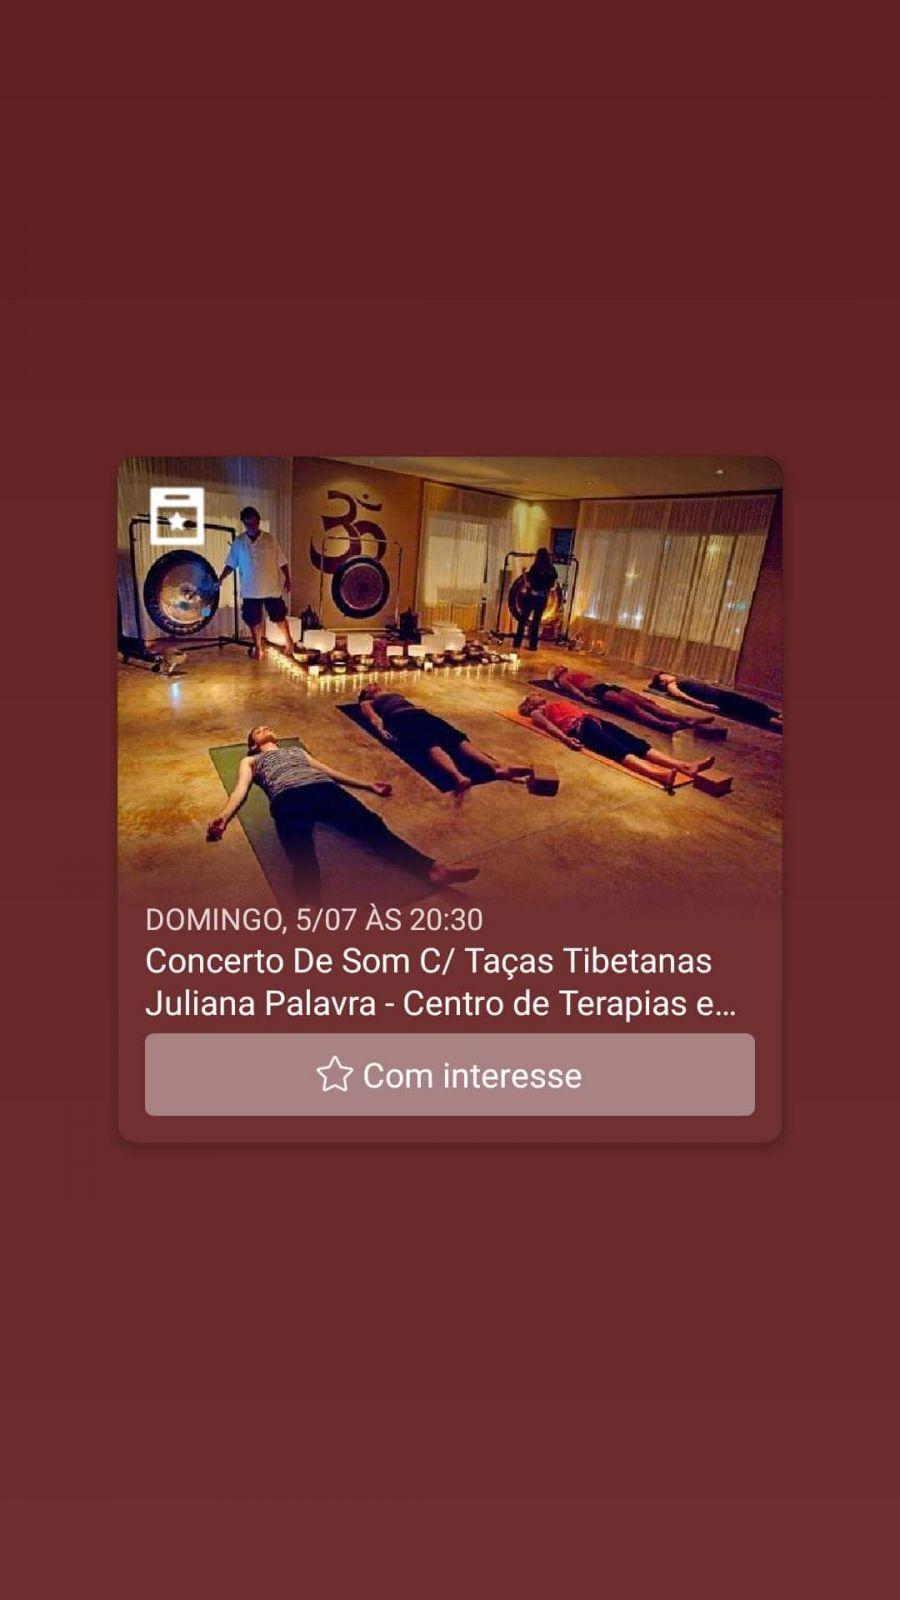 Concerto de Som c/ Taças Tibetanas